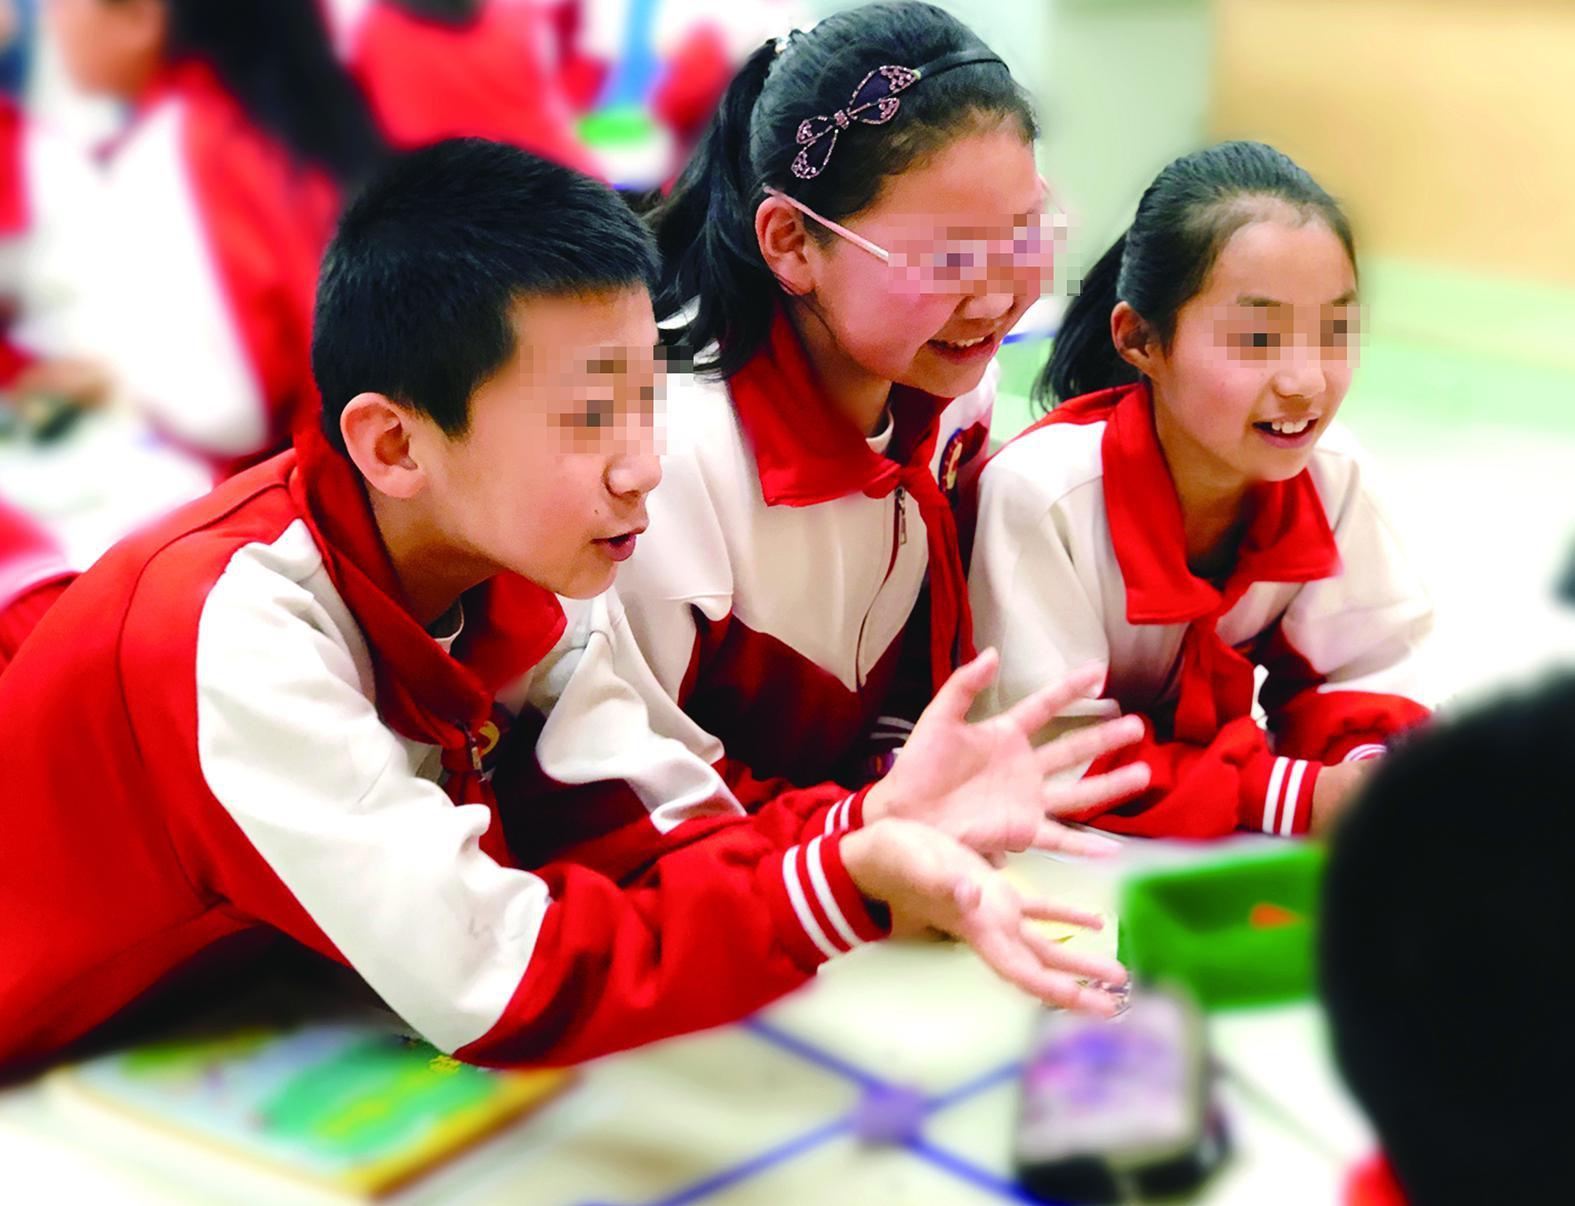 """聚焦儿童社会情感技能 赋能乡村教师专业化发展 首都慈善组织为贫困地区留守儿童送上""""幸福课"""""""